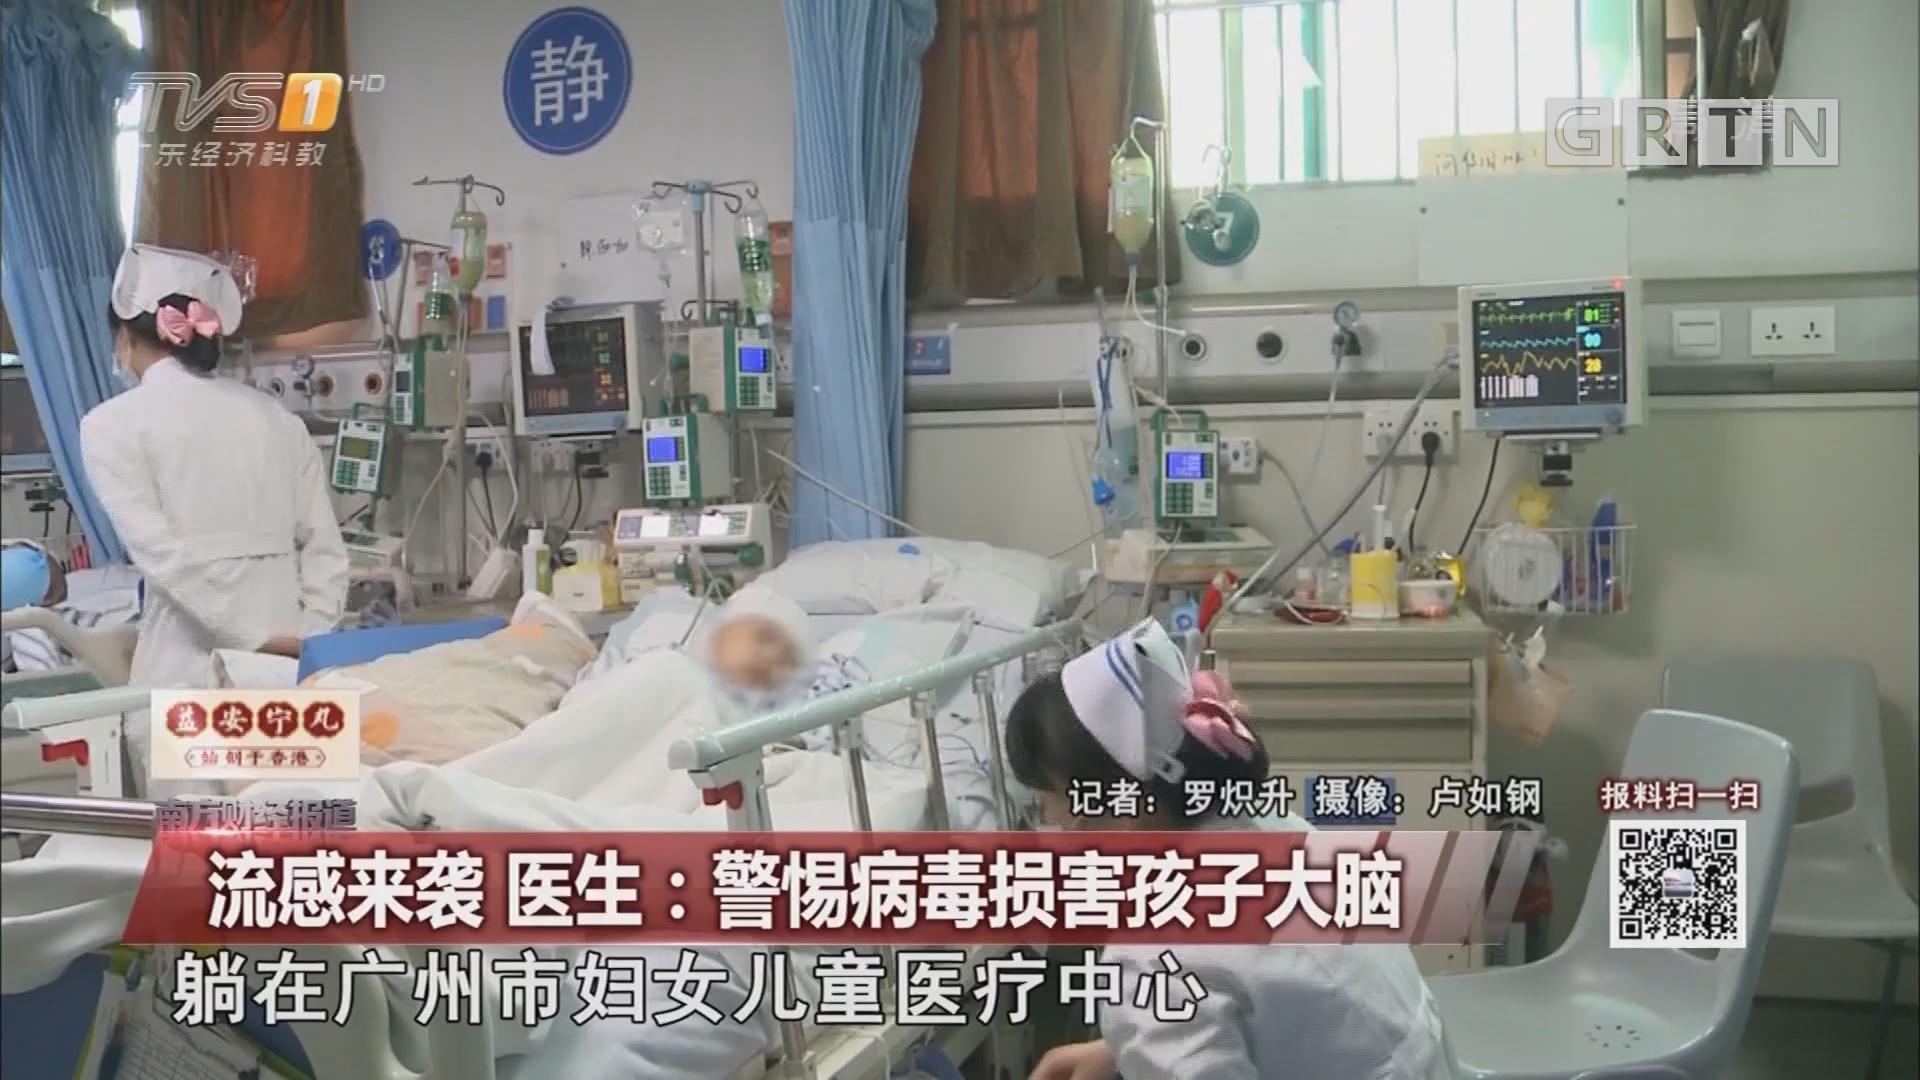 流感来袭 医生:警惕病毒损害孩子大脑